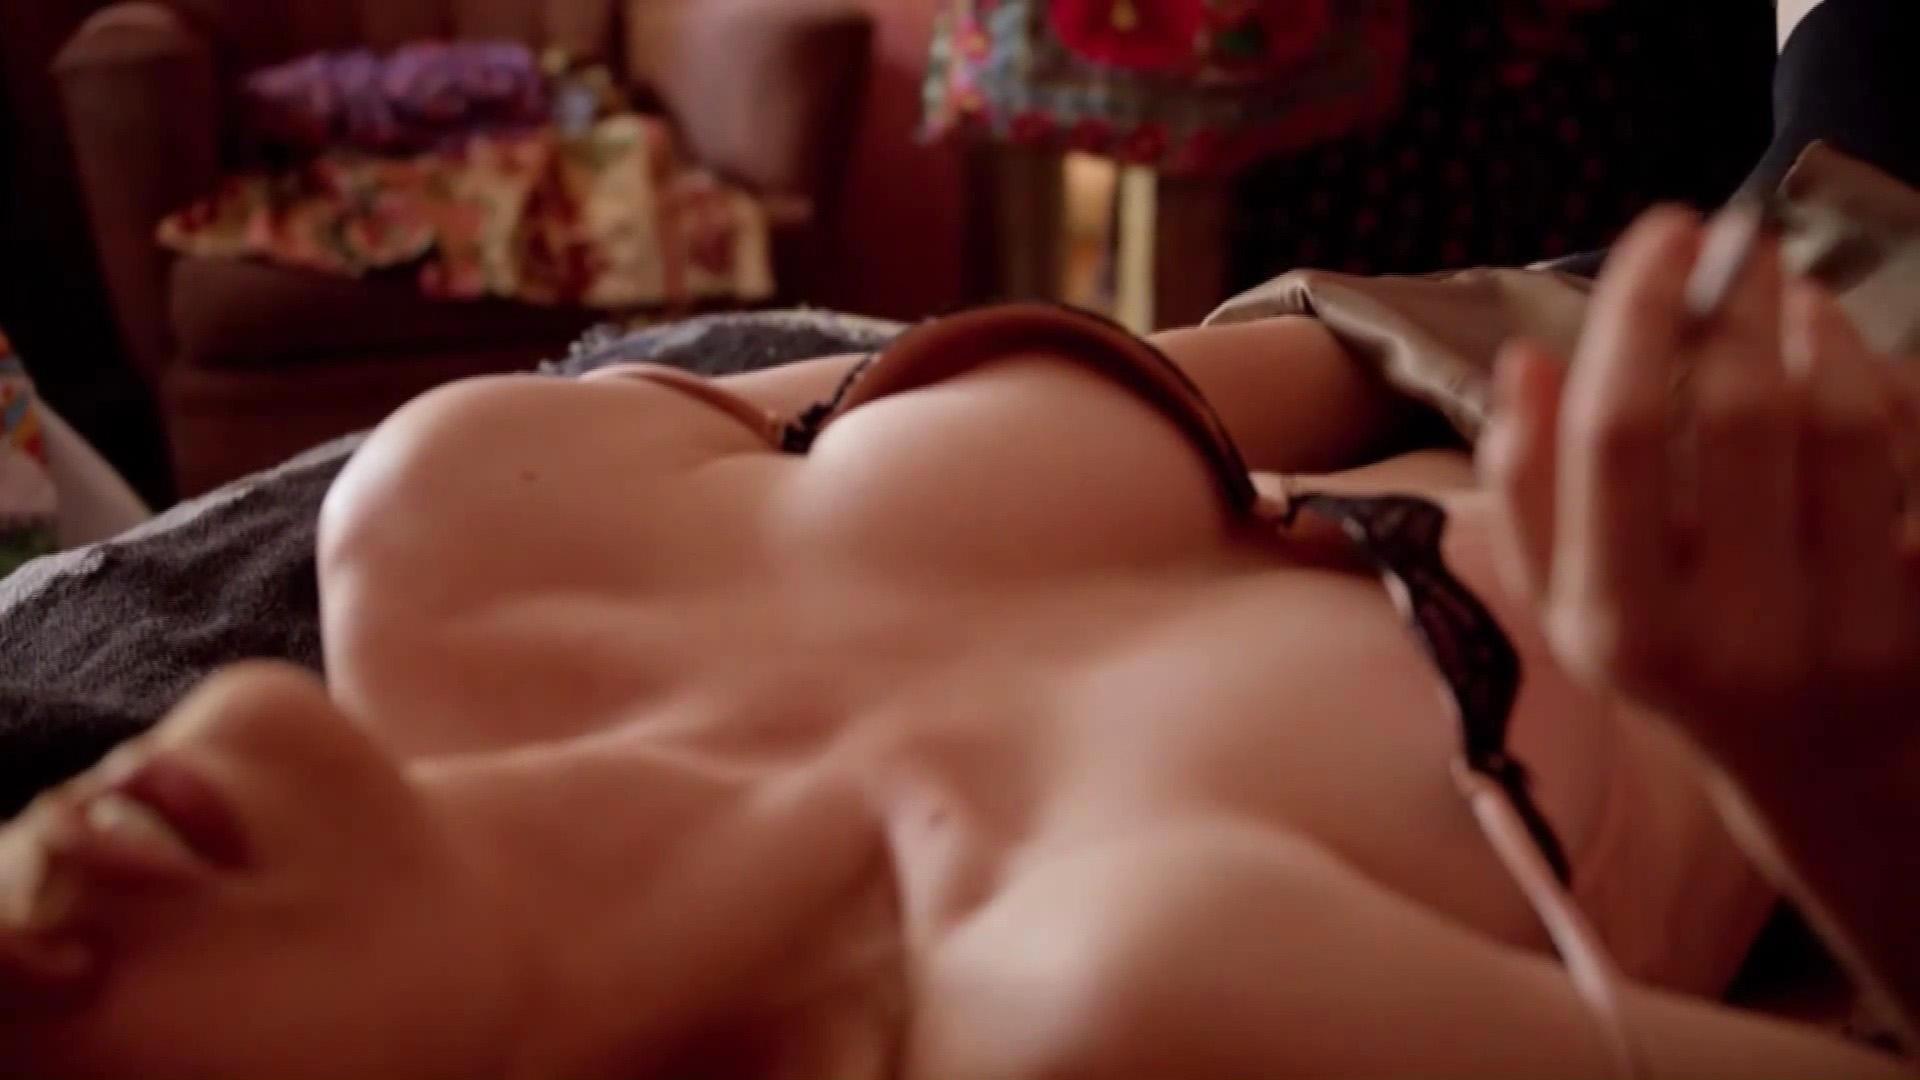 melissa george sex scene